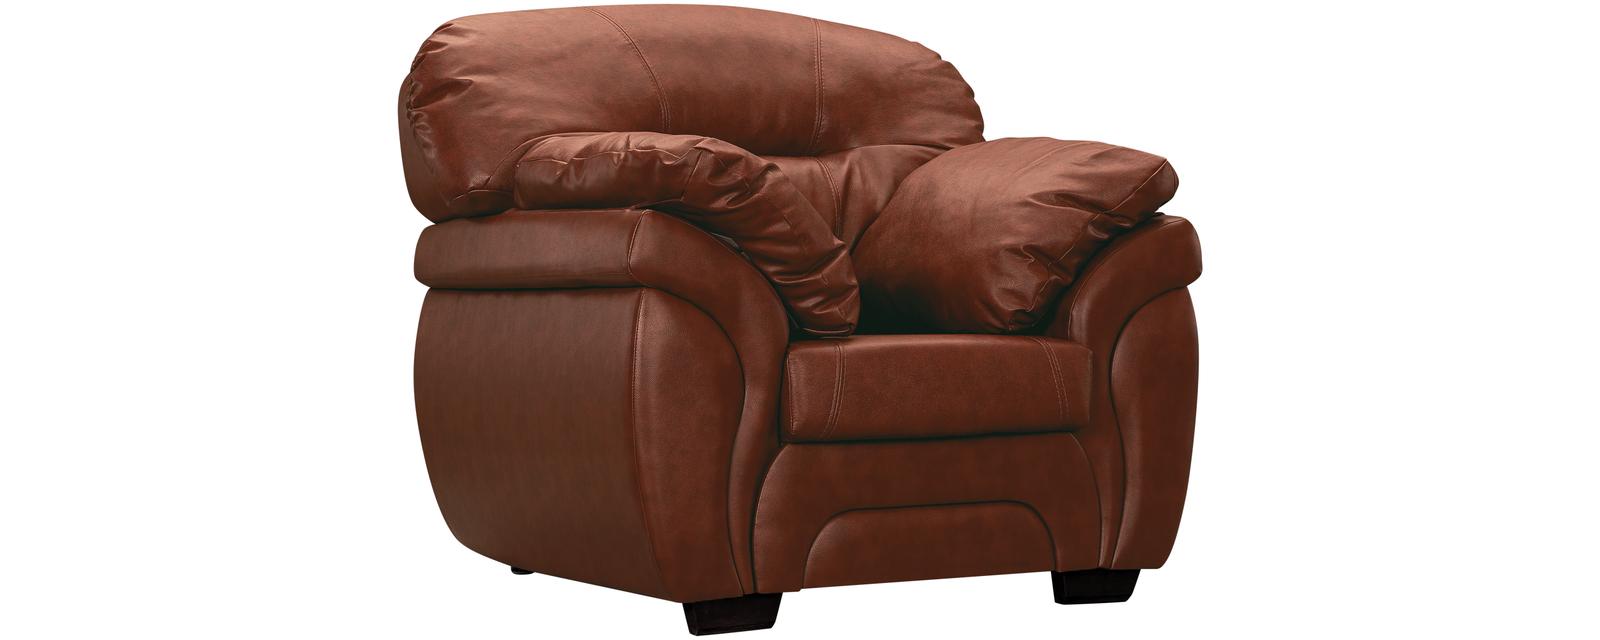 Кресло кожаное Бристоль Коричневый (Натуральная кожа)